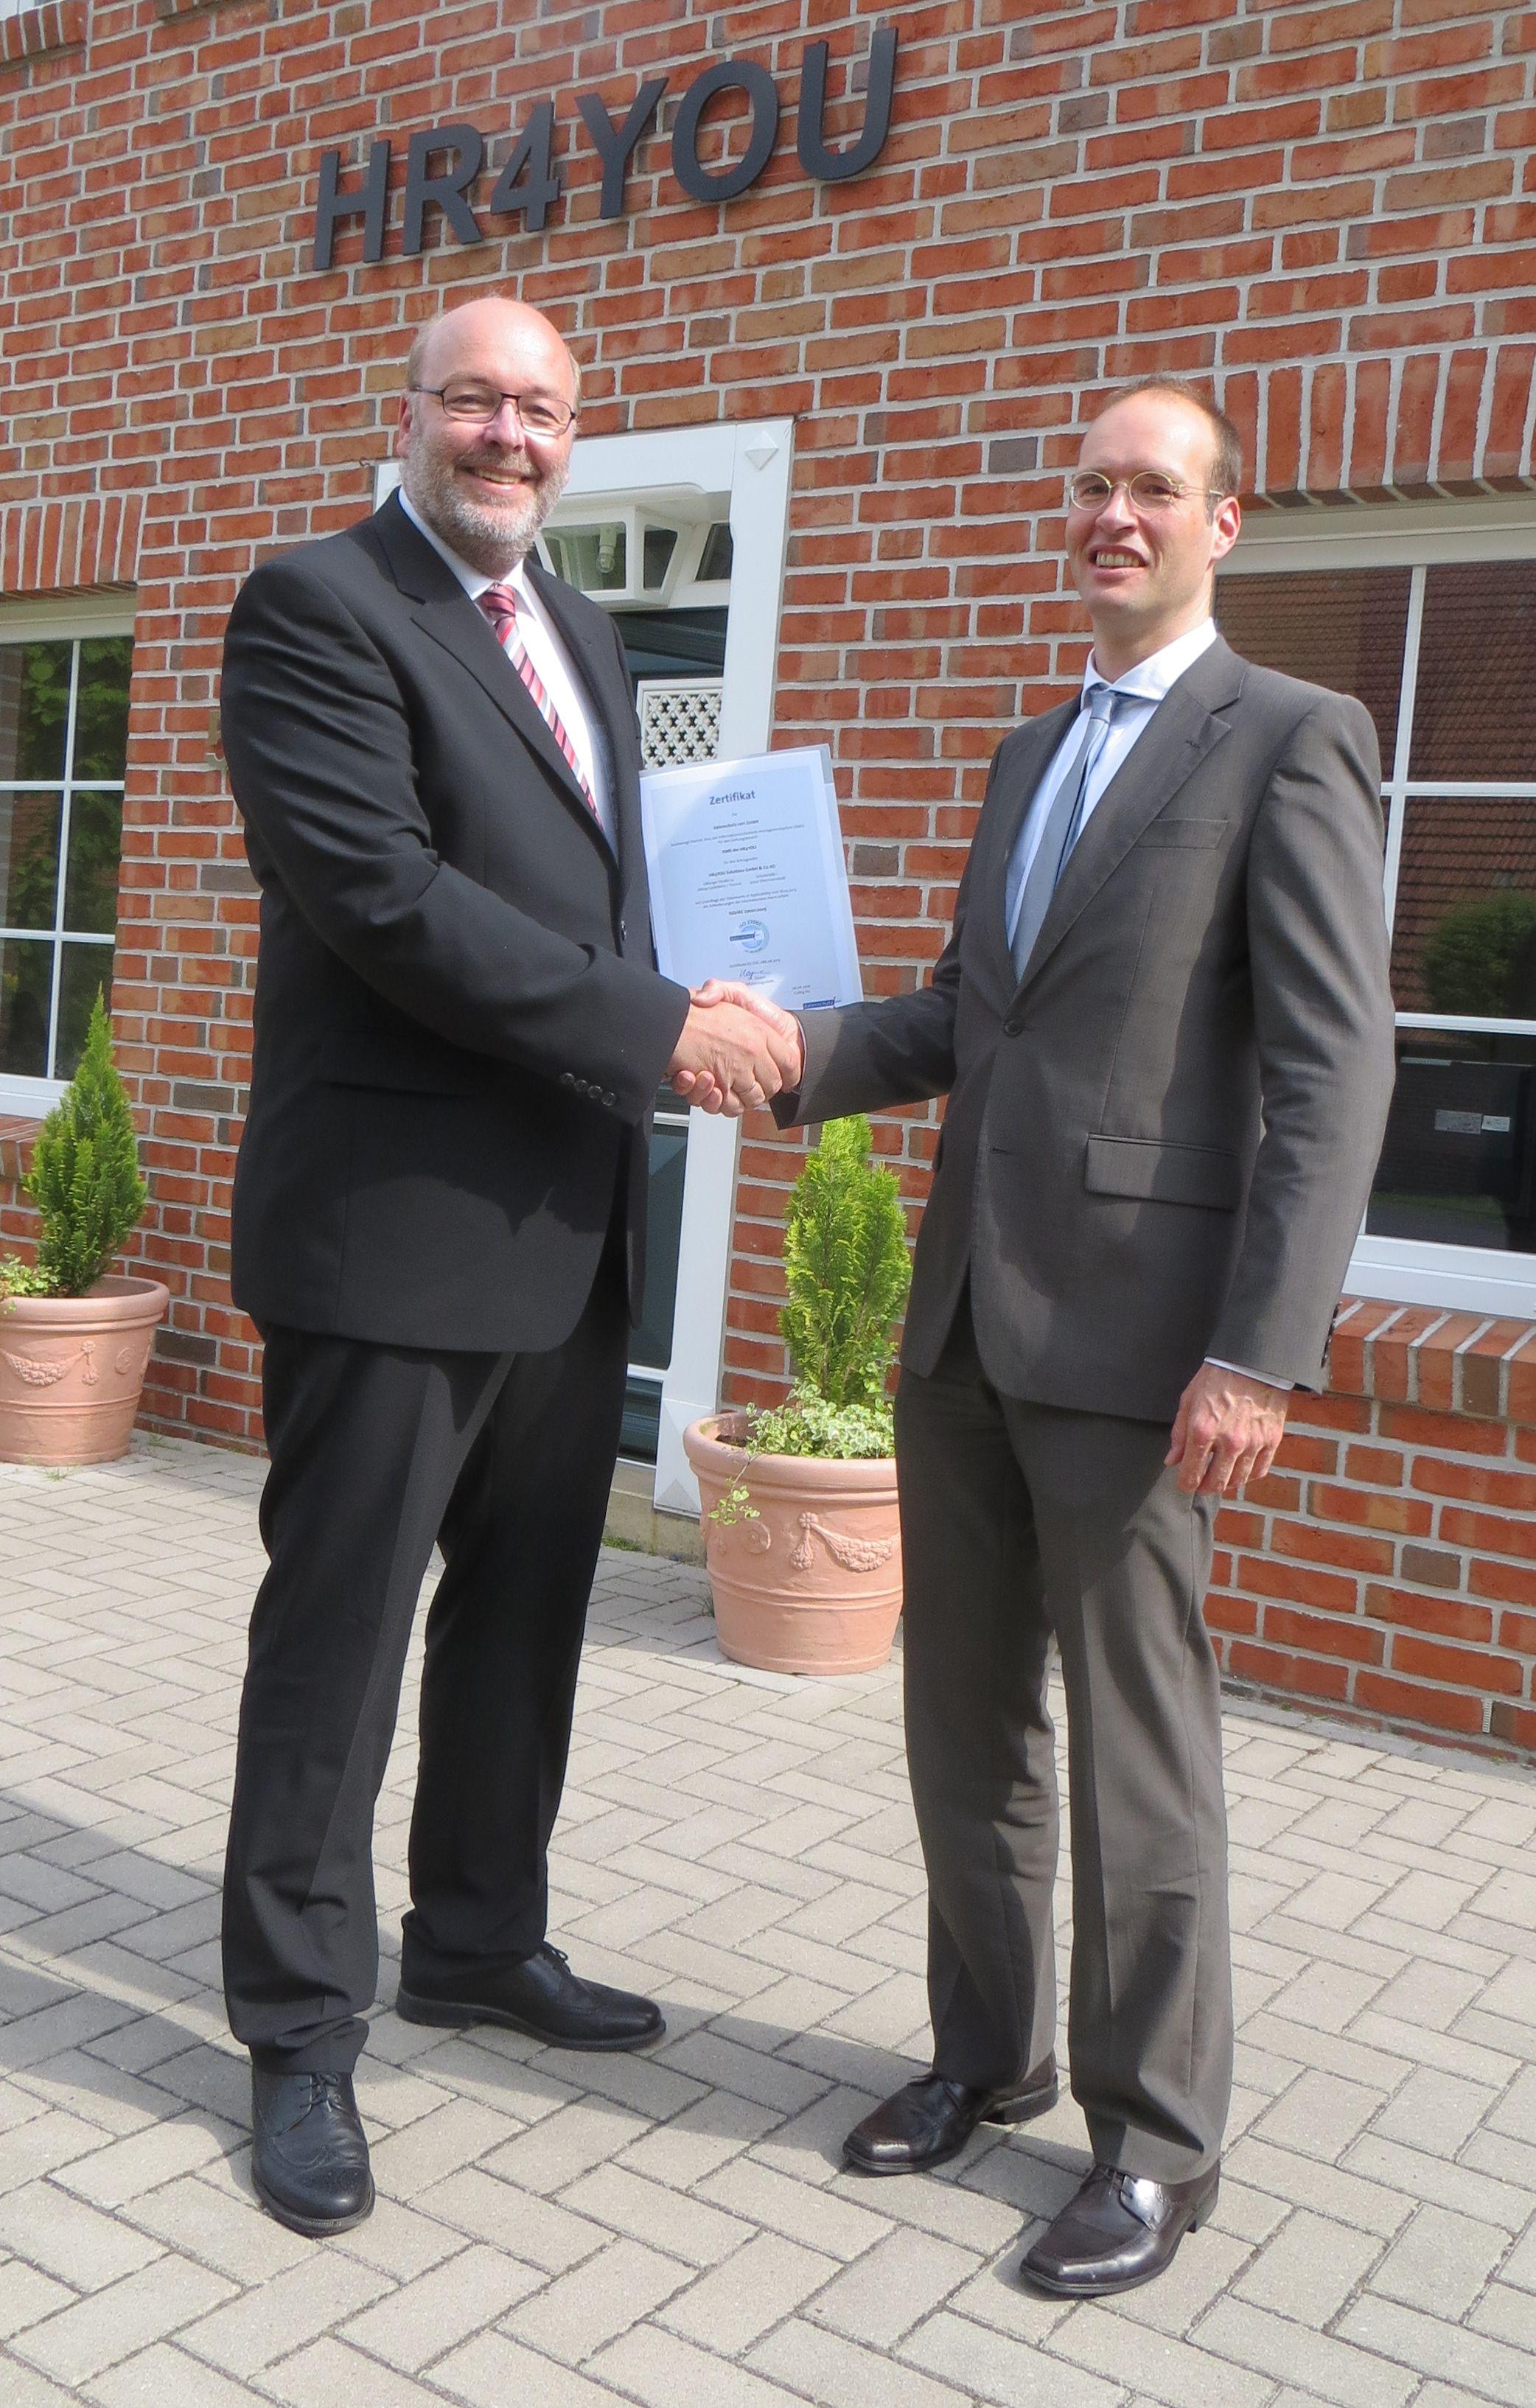 News - Central: Zertifikatsübergabe durch Dr. Sönke Maseberg (rechts) an HR4YOU-Geschäftsführer Axel Rekemeyer